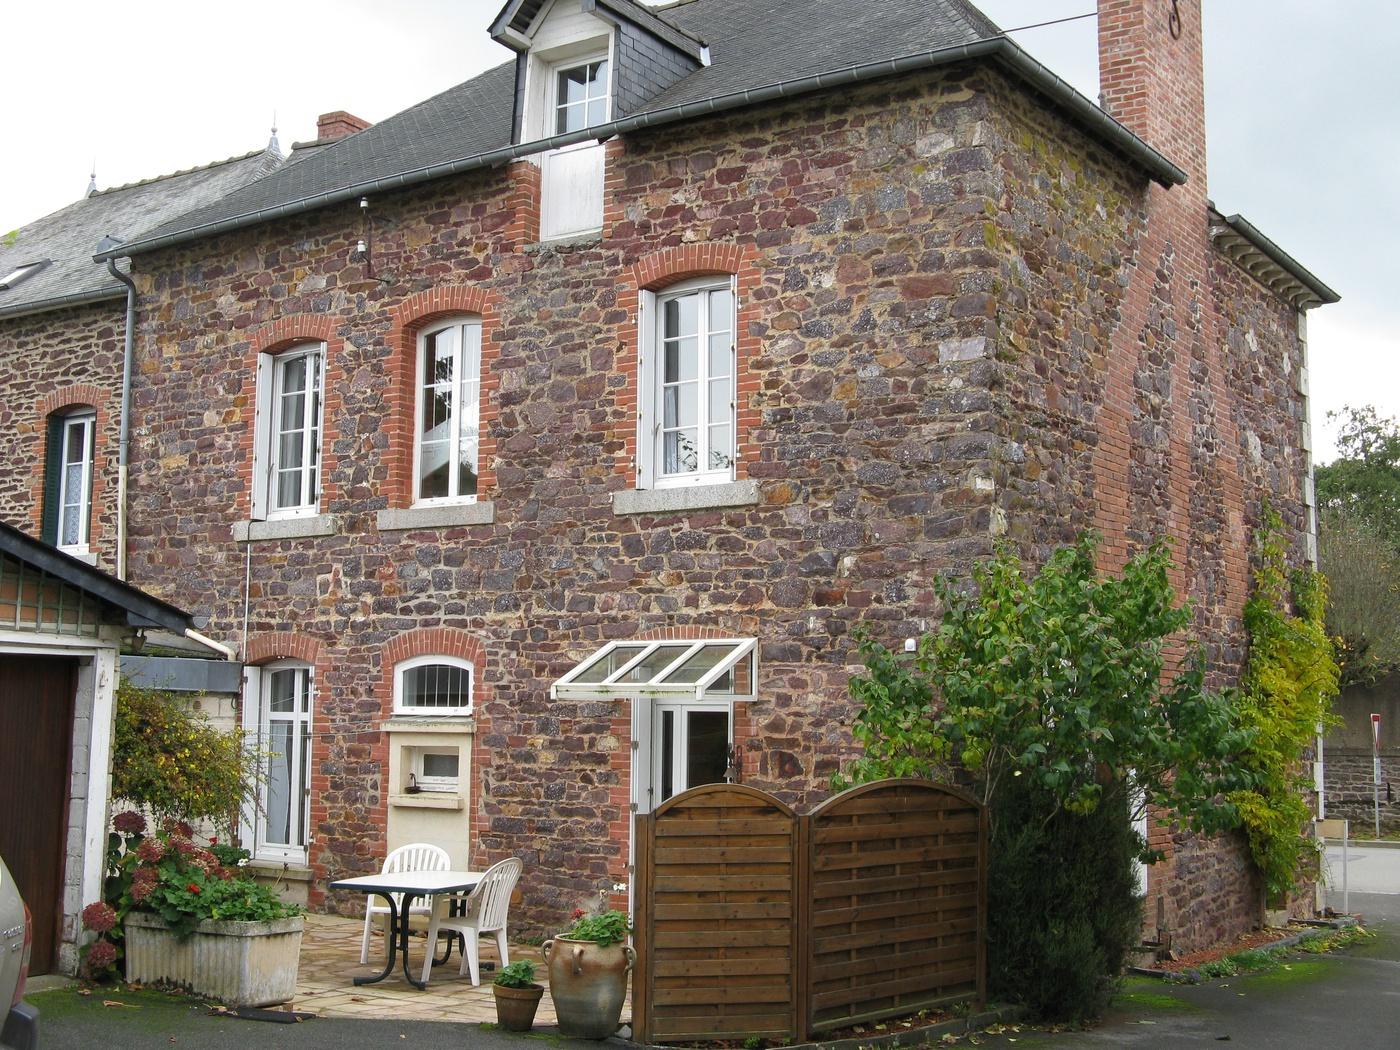 Achat Maison 150 M2 Saint-Méen-Le-Grand (35290), 7 Pièces avec Piscine Saint Meen Le Grand